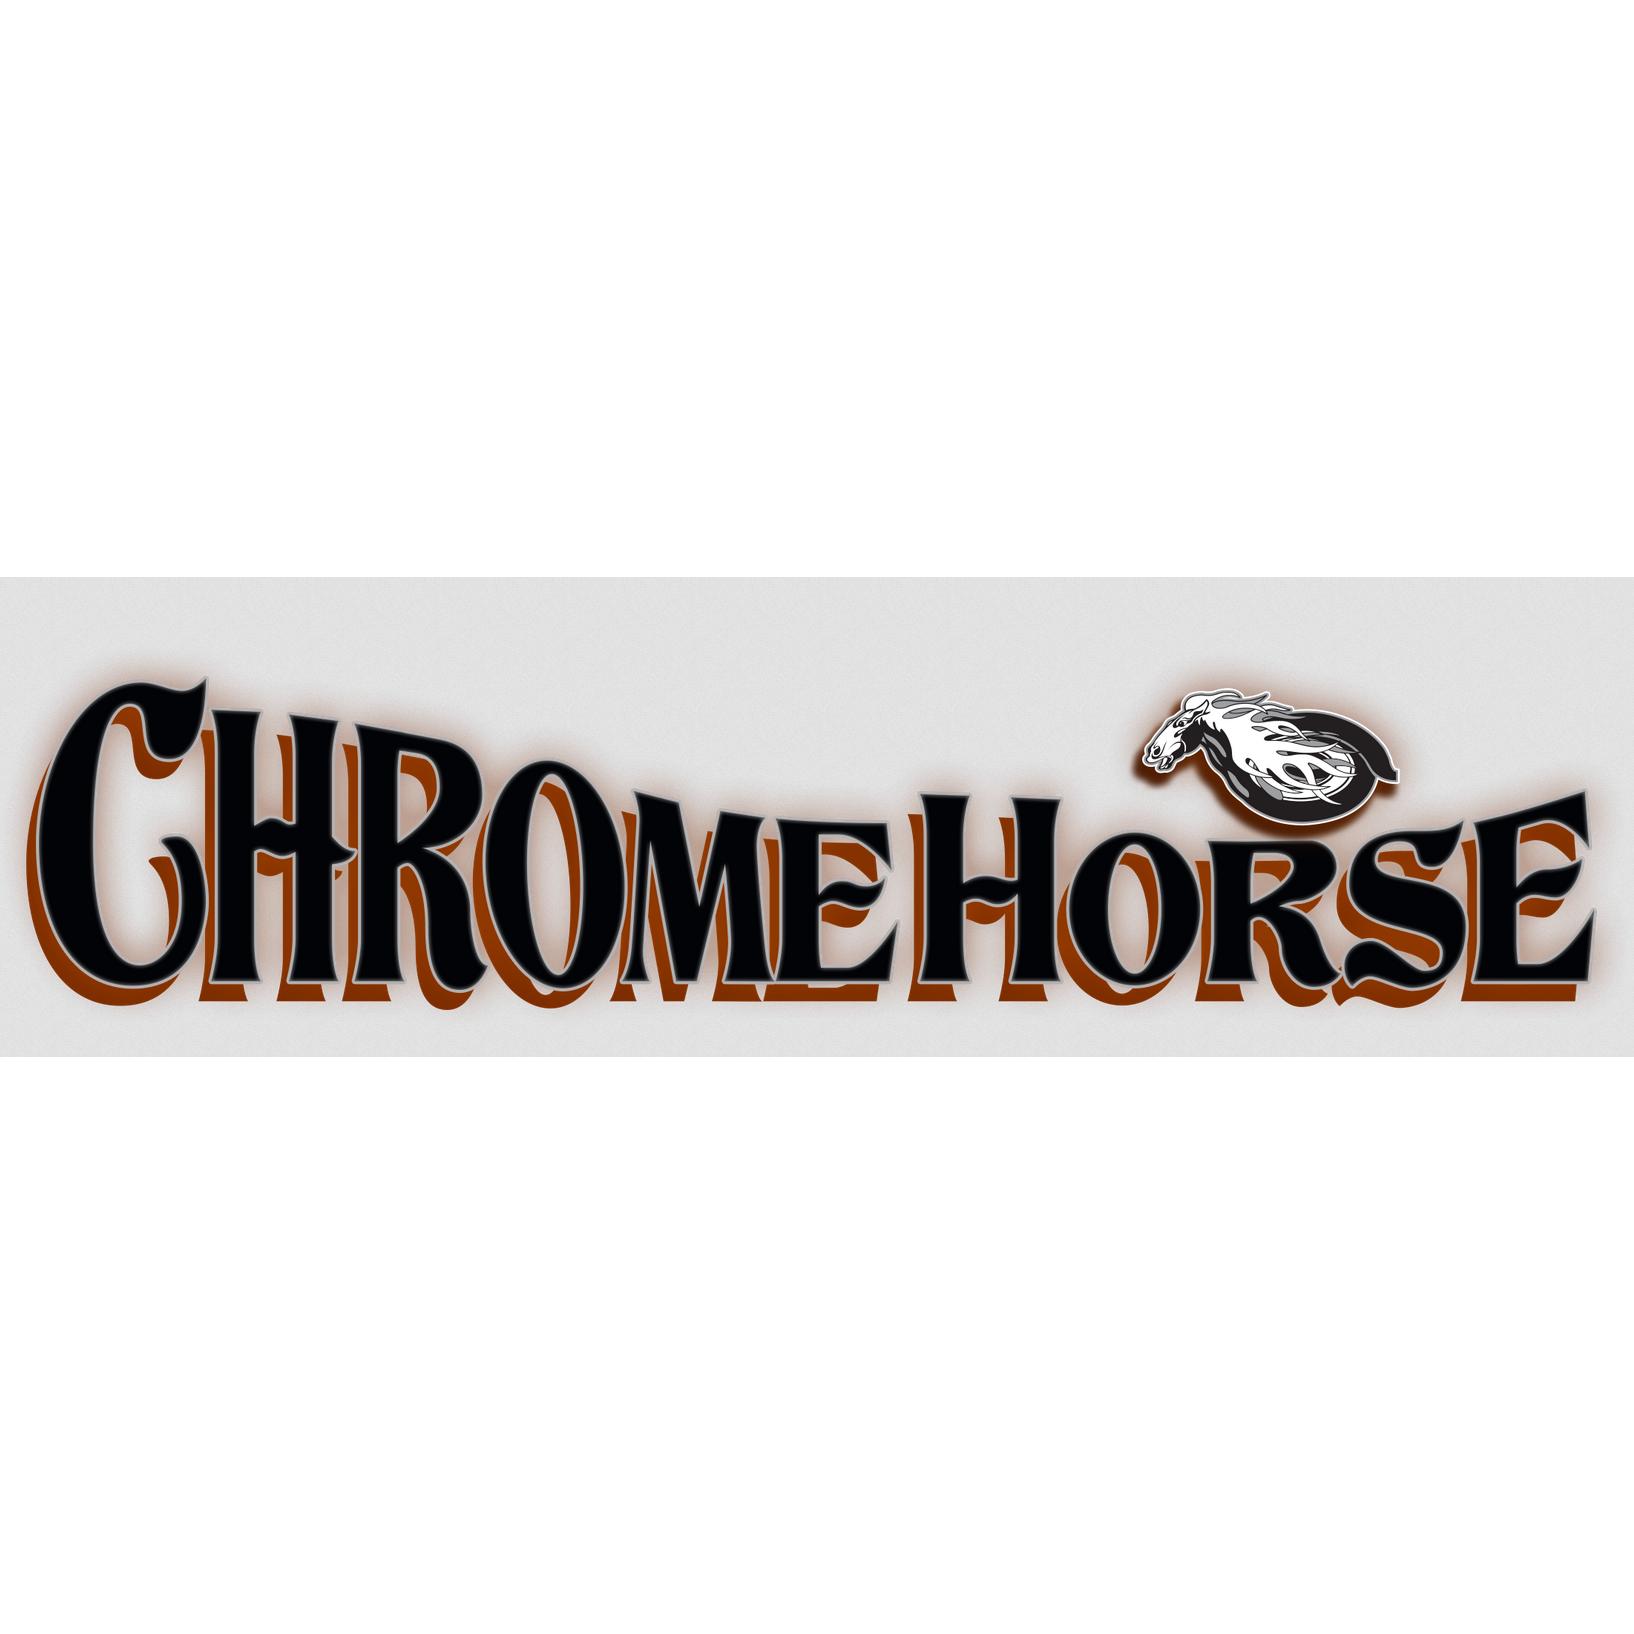 Chrome Horse Saloon